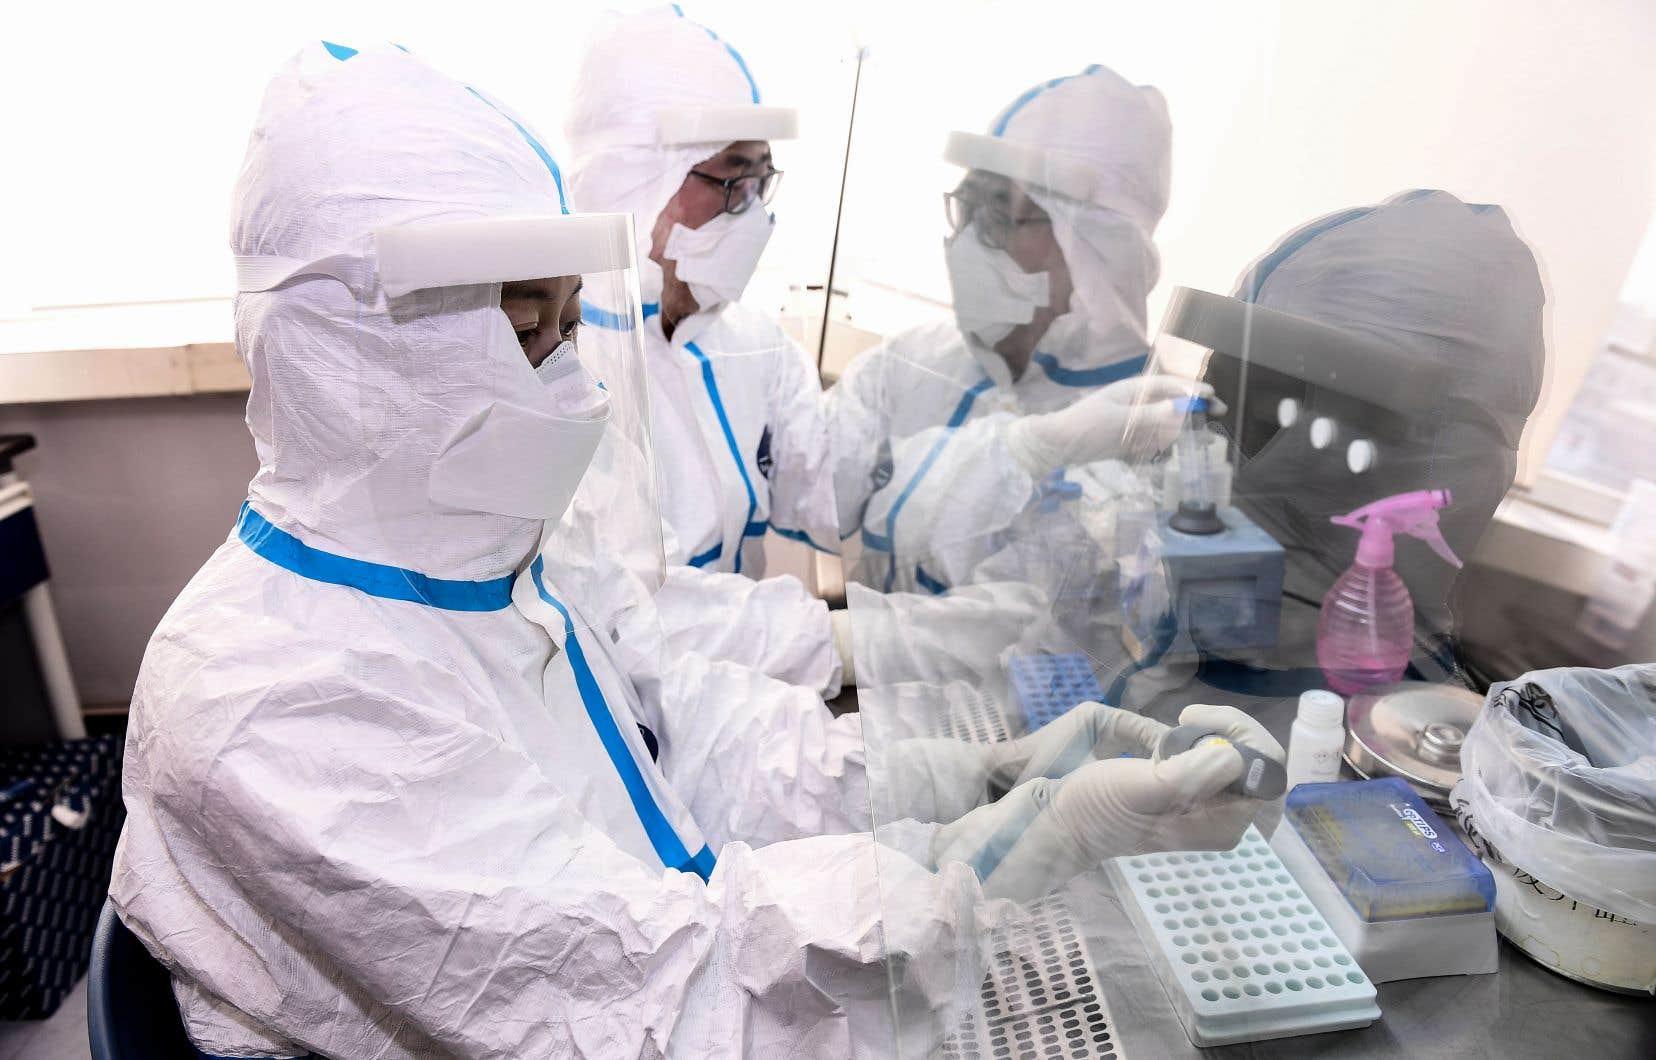 Une étude scientifique a démontré l'efficacité d'un nouvel antiviral contre le coronavirus MERS-CoV chez le singe.